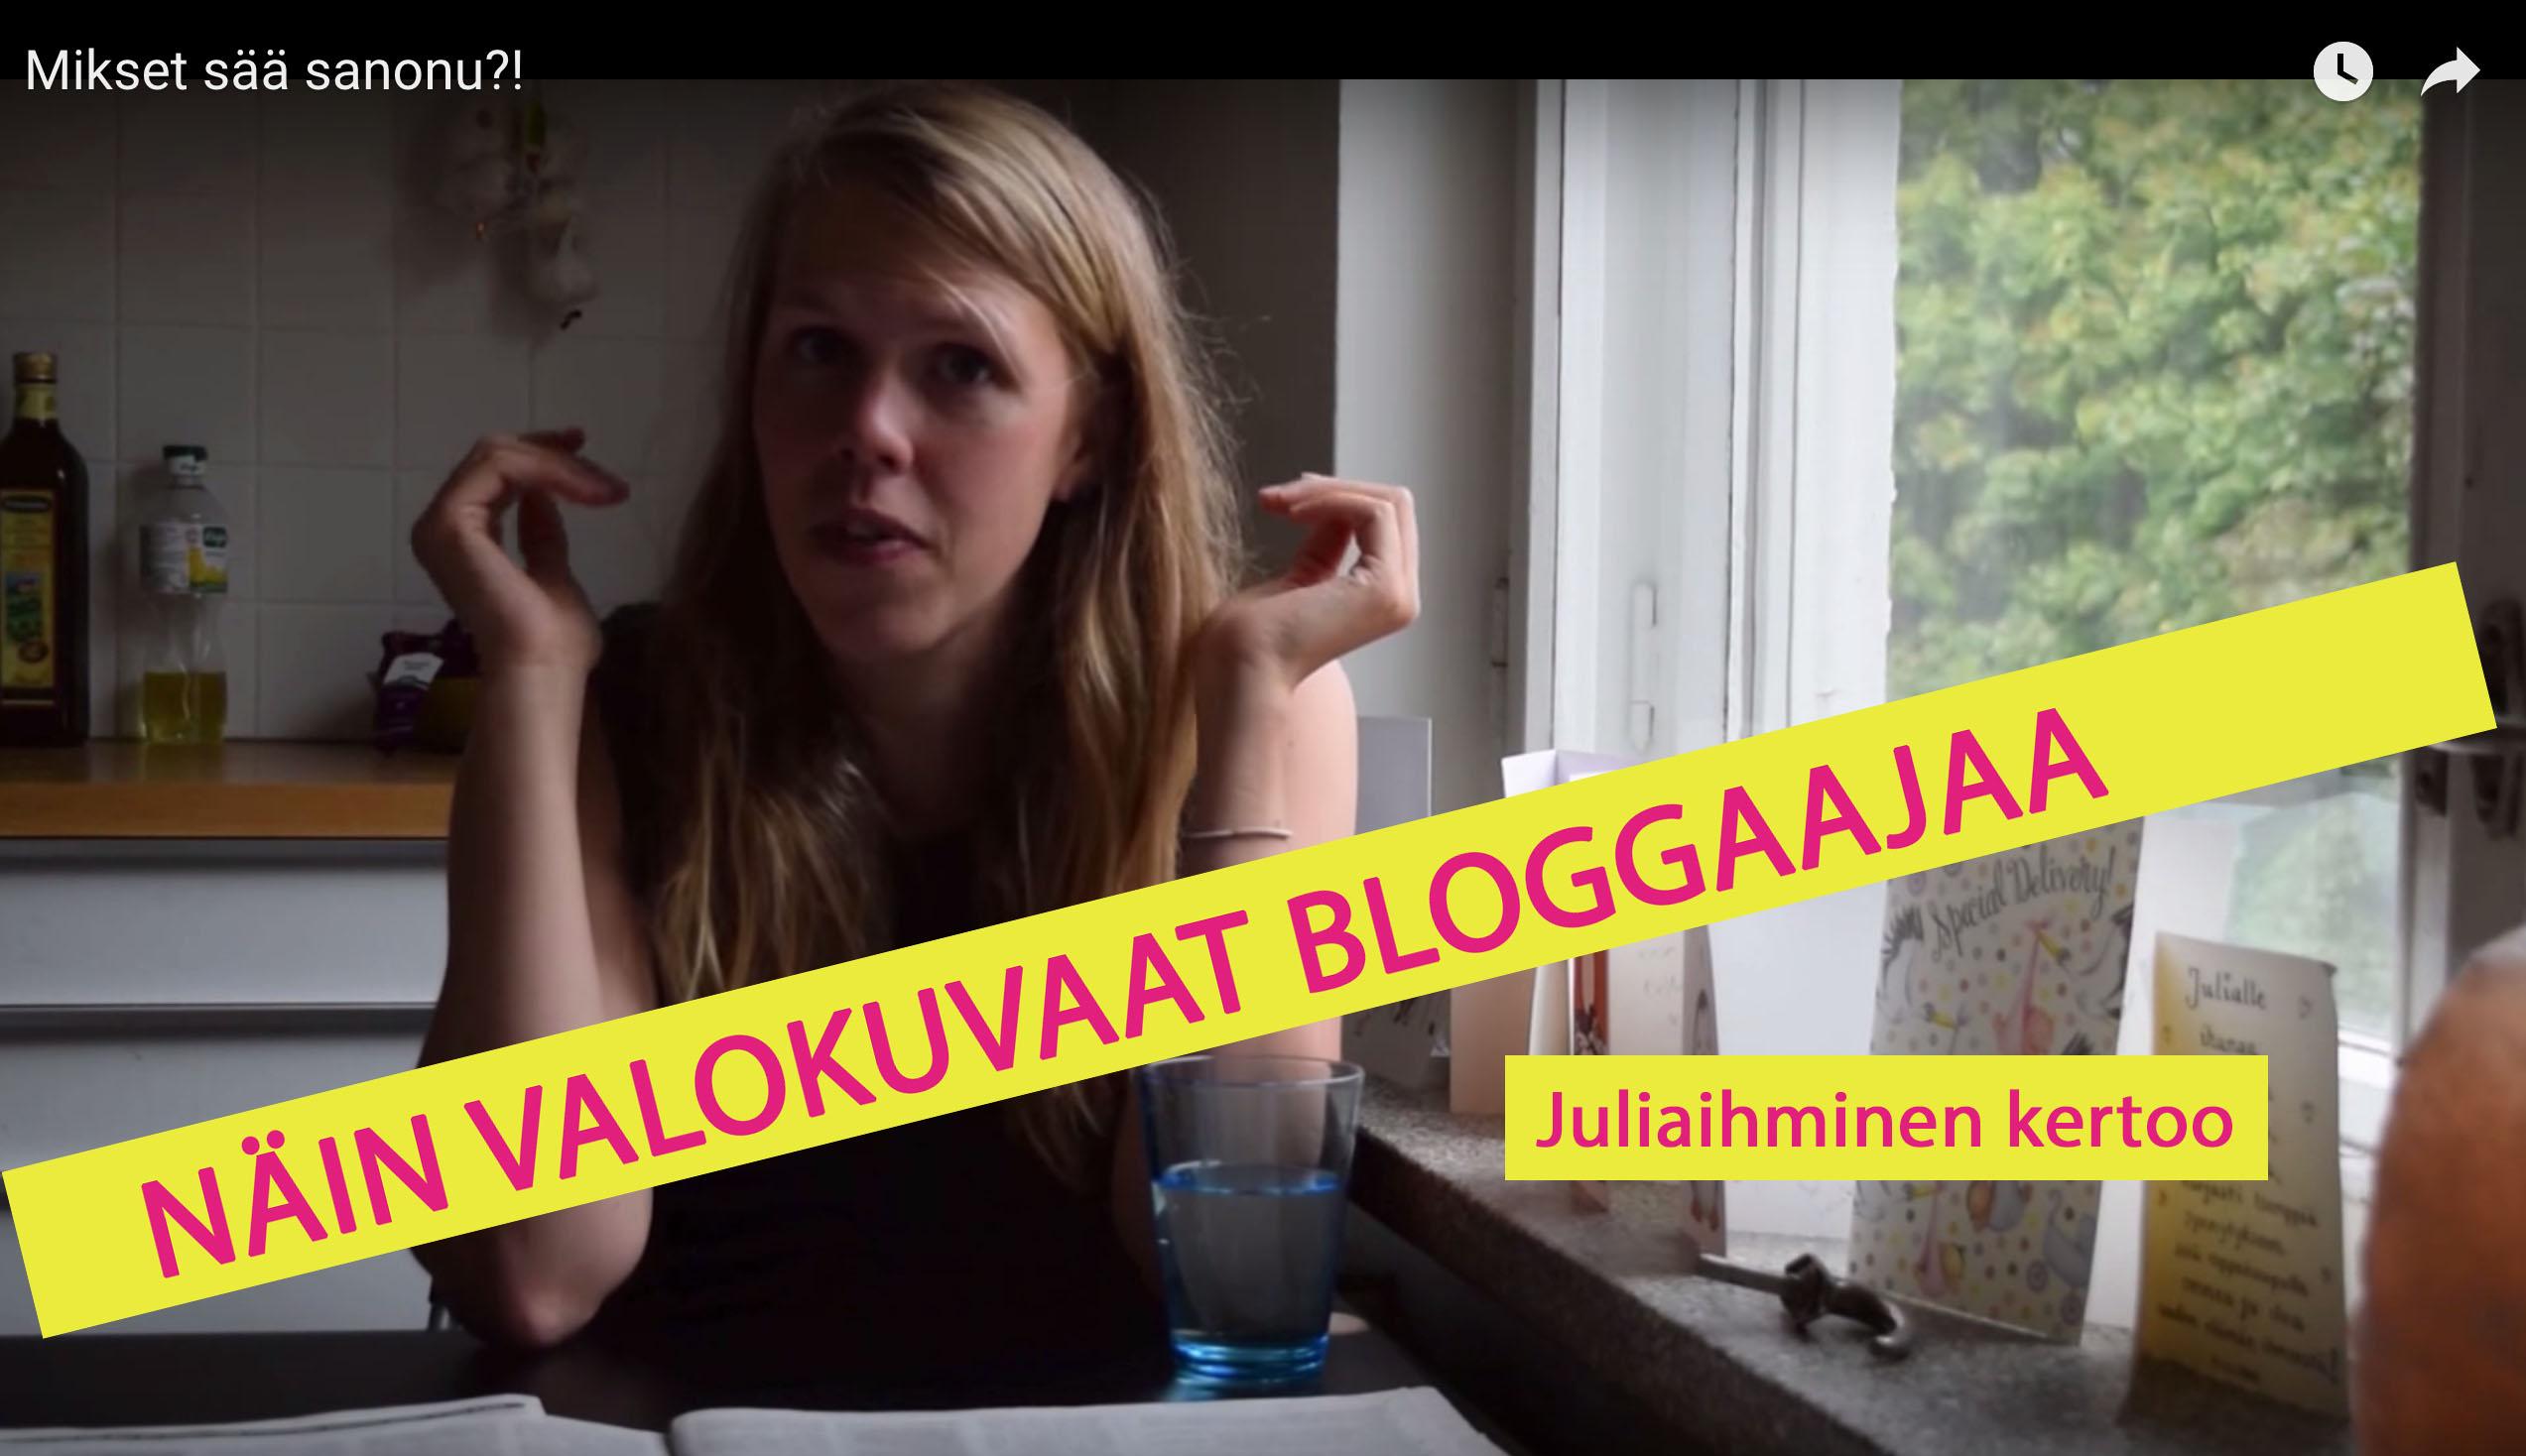 nain_valokuvaat_bloggaajaa.jpg